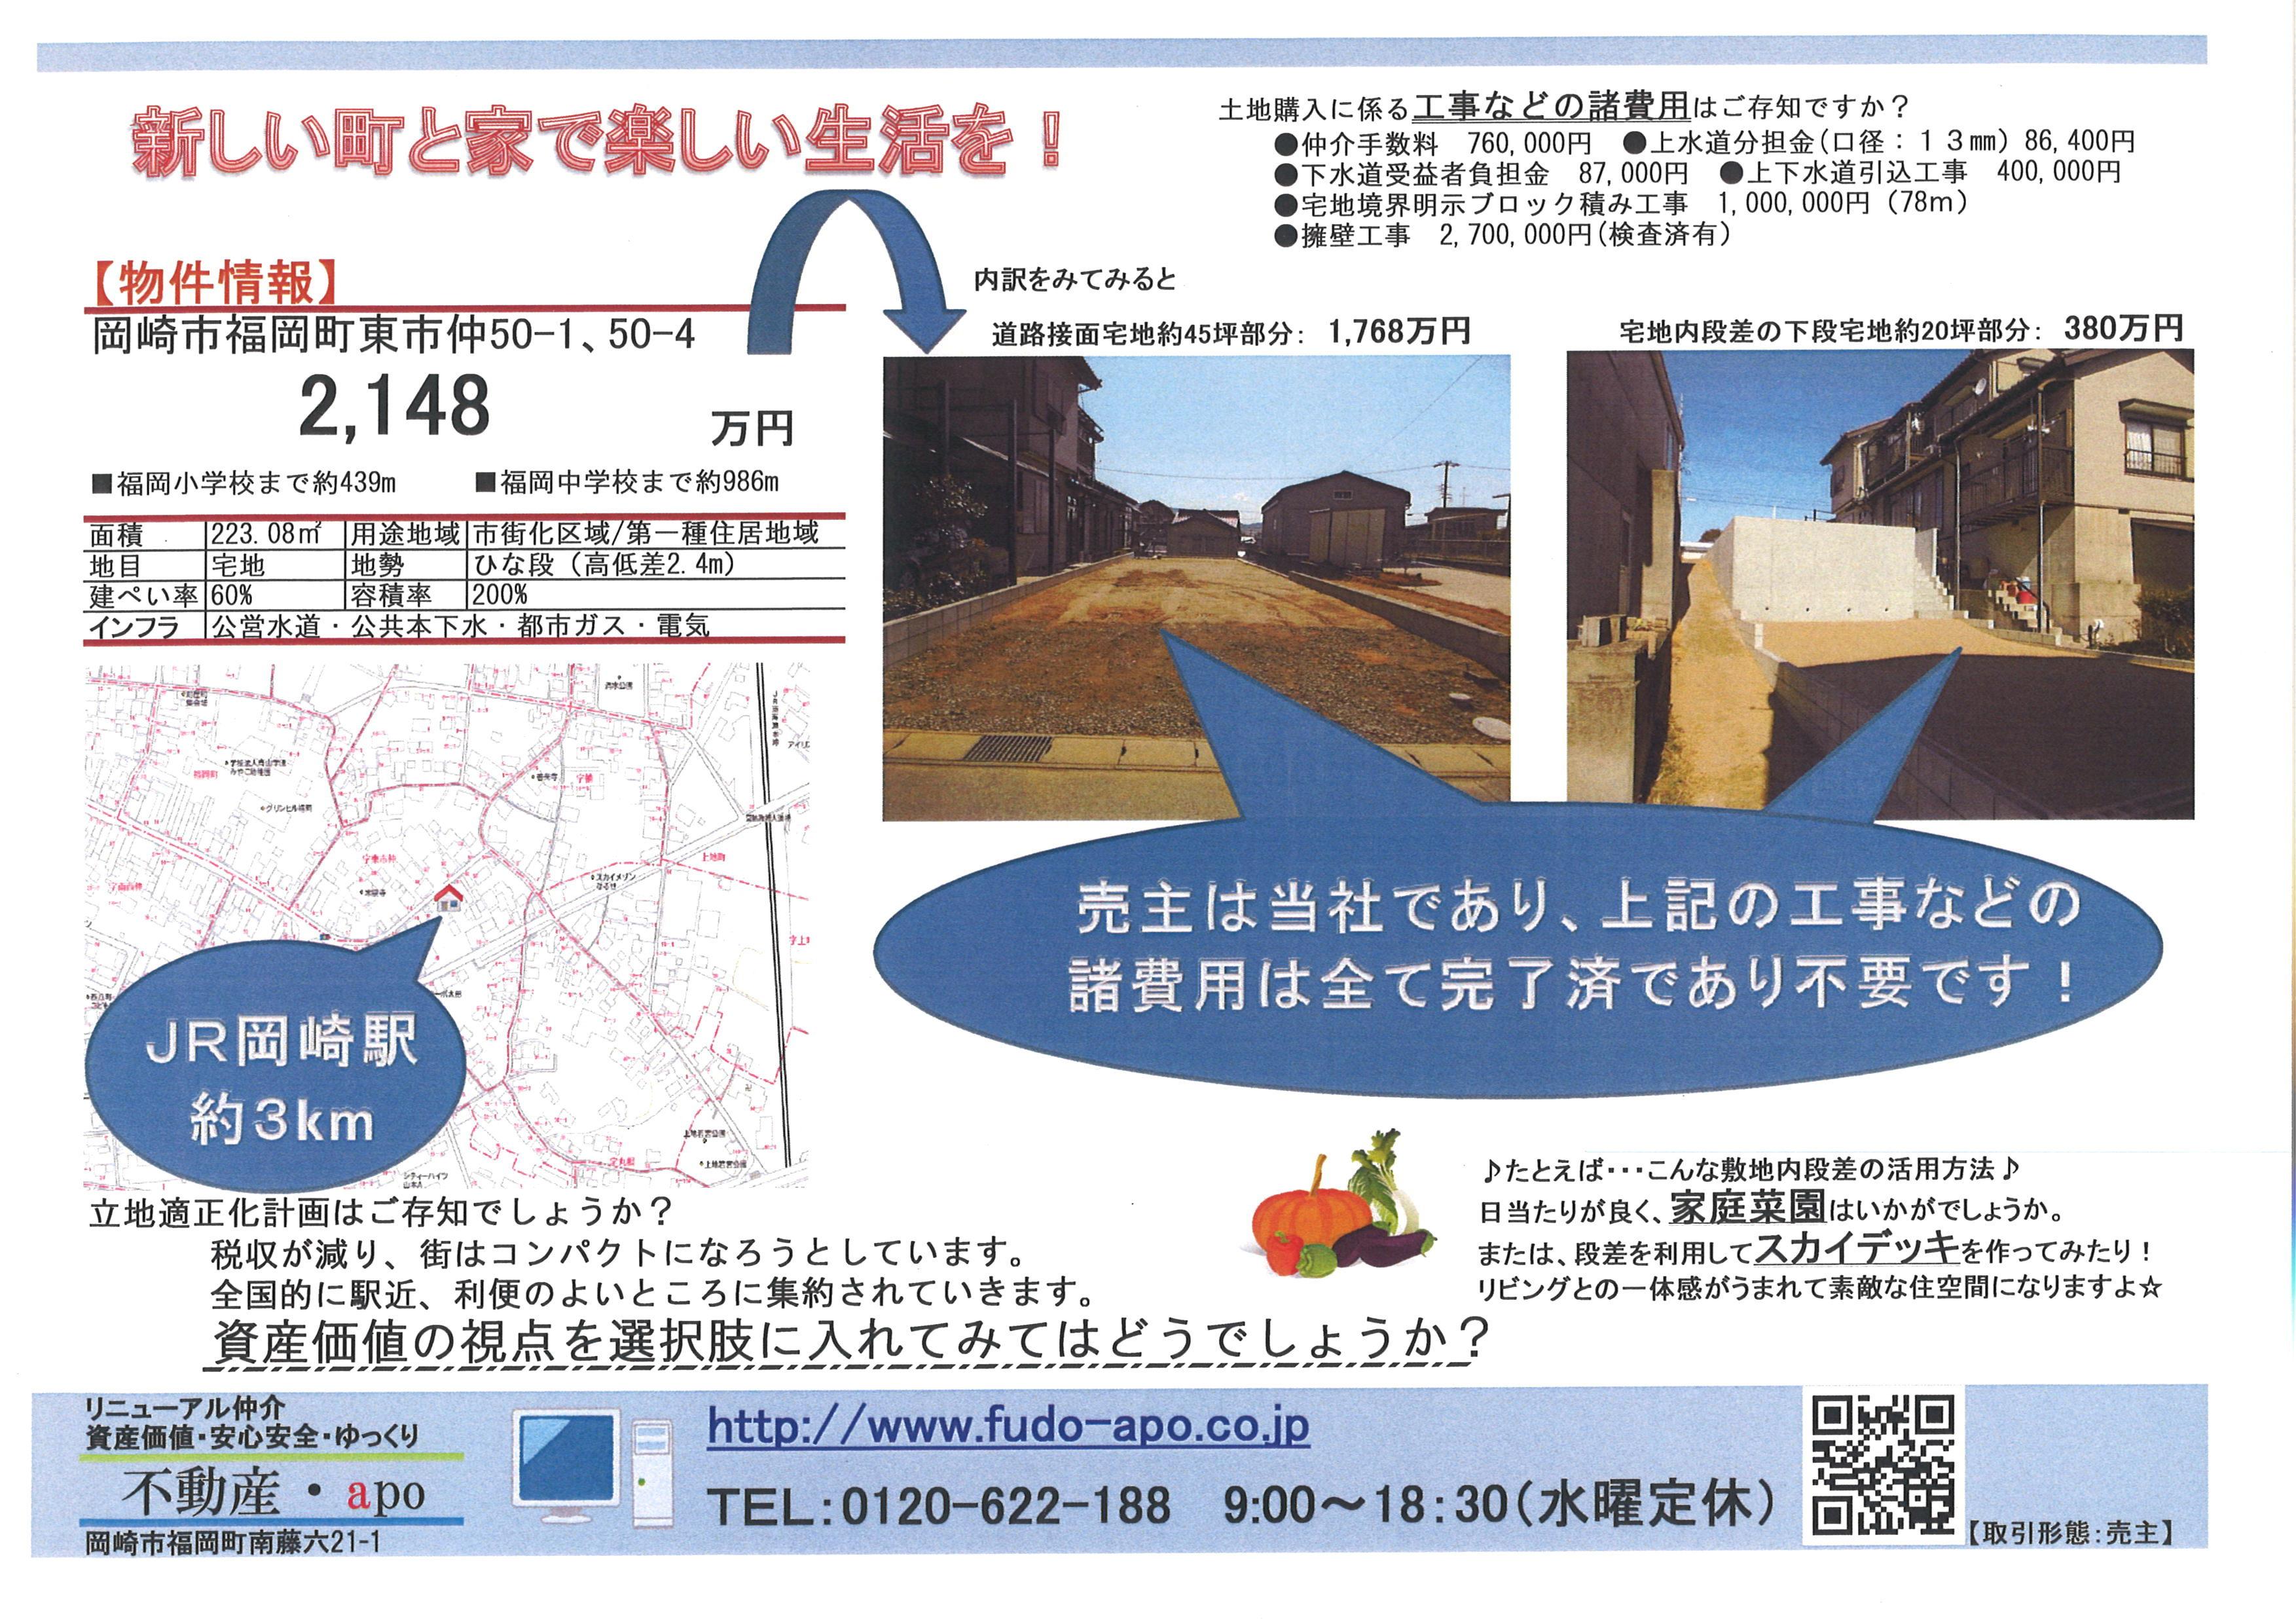 20171013112152_00001.jpg